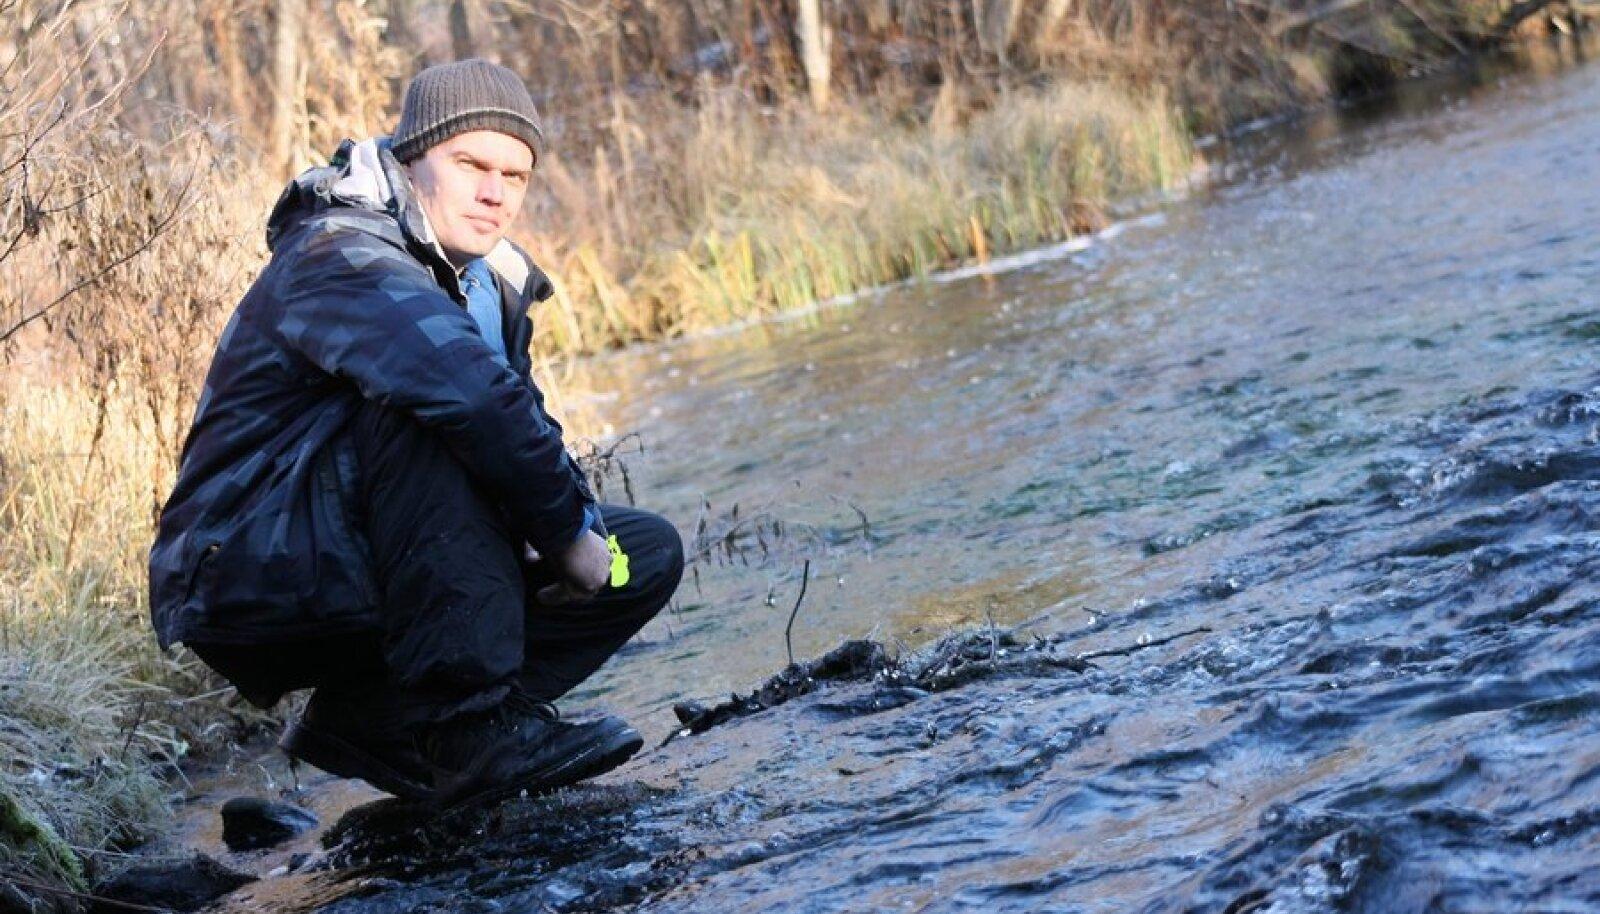 Võhandu jõe alguseks peetud Sillaotsa jõe ääres asuva Kooraste küla vanem Urmas Kivirand ütleb, et isegi kui Sillaotsa jõest saab uuesti Pühäjõgi, kasutavad kohalikud ilmselt praegust nime edasi.